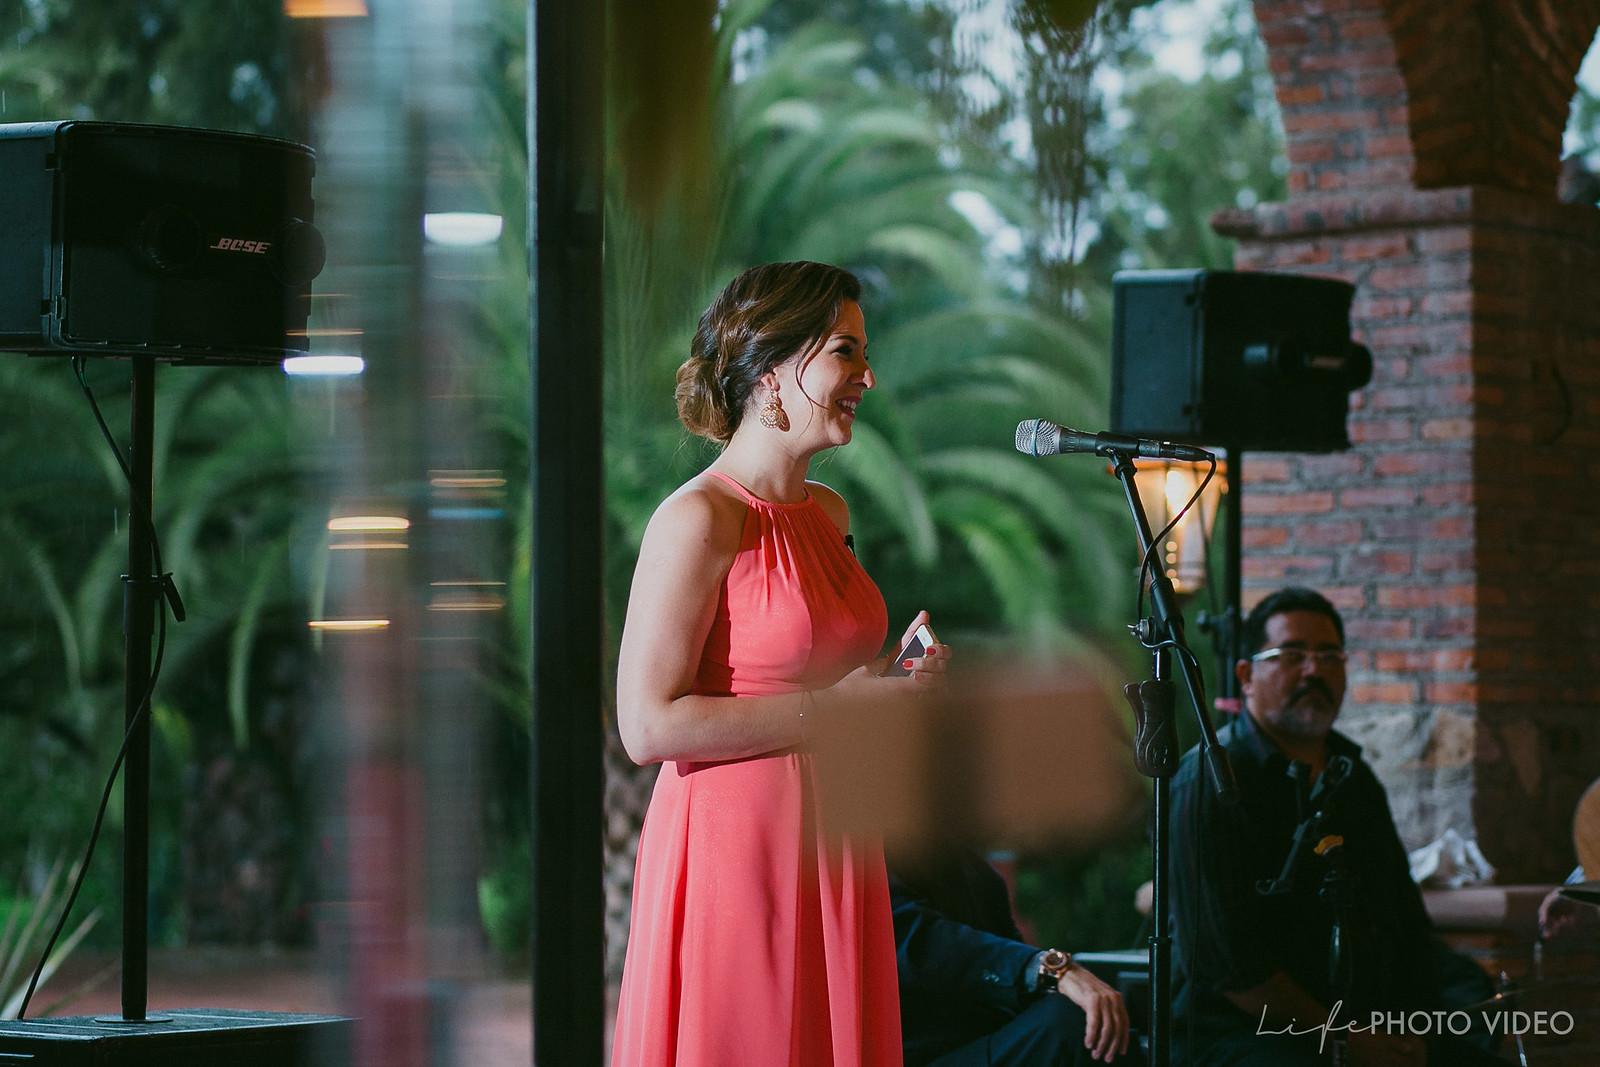 LifePhotoVideo_Boda_LeonGto_Wedding_0023.jpg